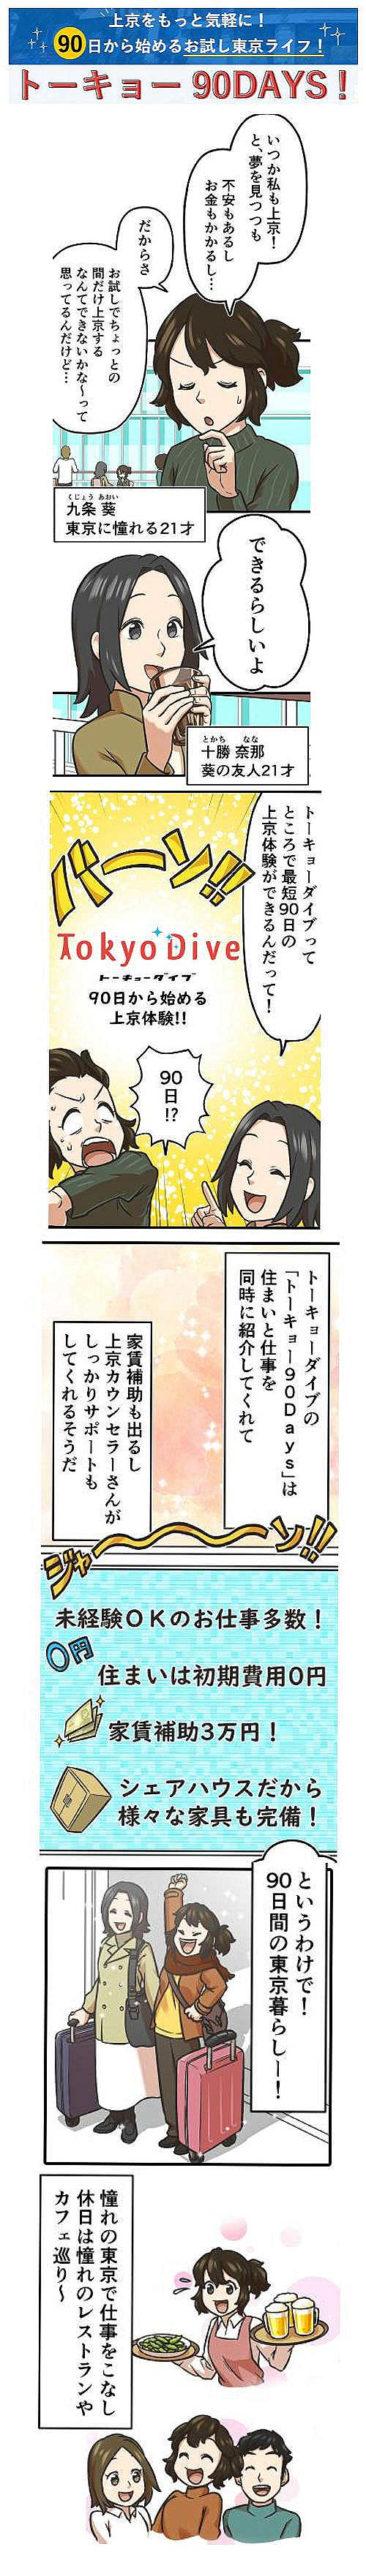 上京サポートサービスのDiveをアニメで紹介